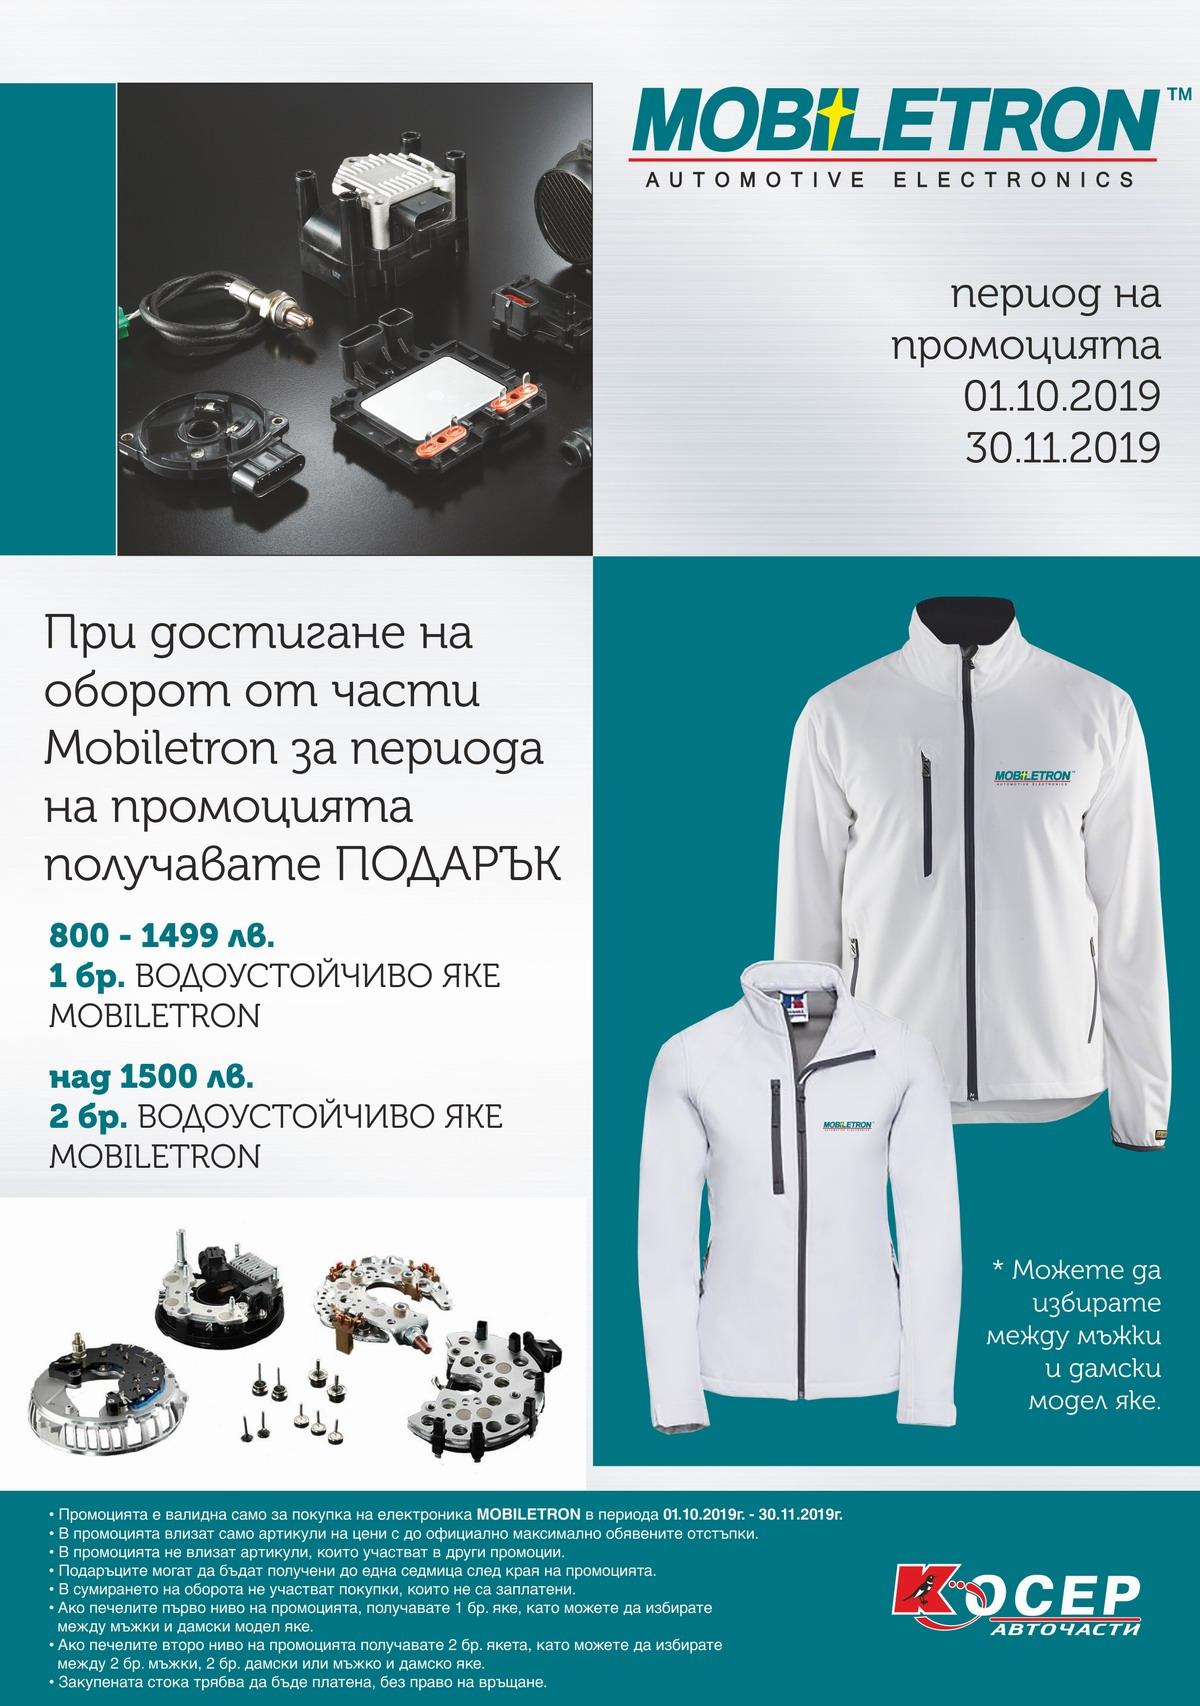 Промоция MOBILETRON 01.10.2019 - 30.11.2019